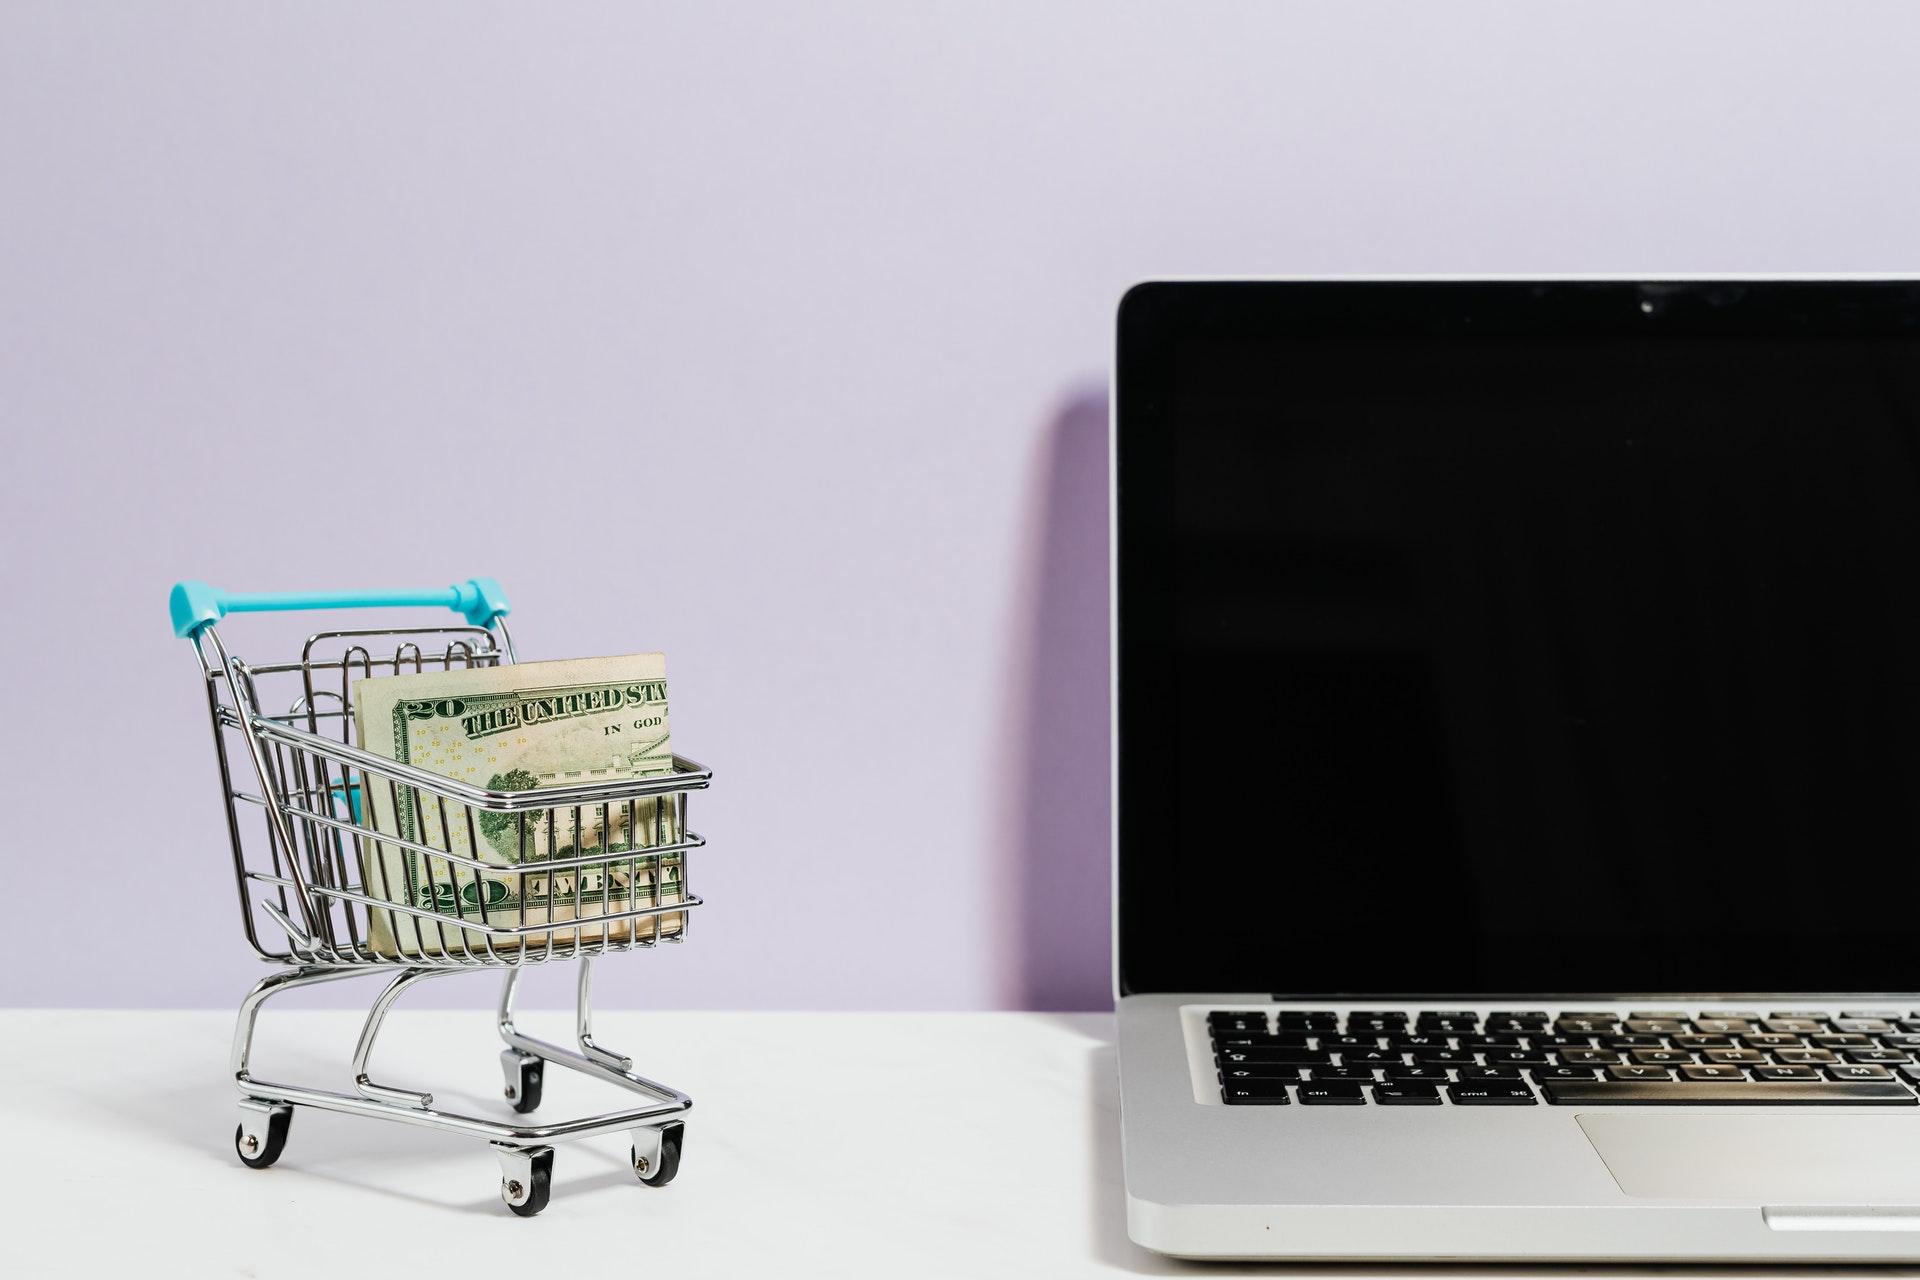 Jak oszczędzać pieniądze – zamawiaj on-line i korzystaj z kodów rabatowych - Zdjęcie główne